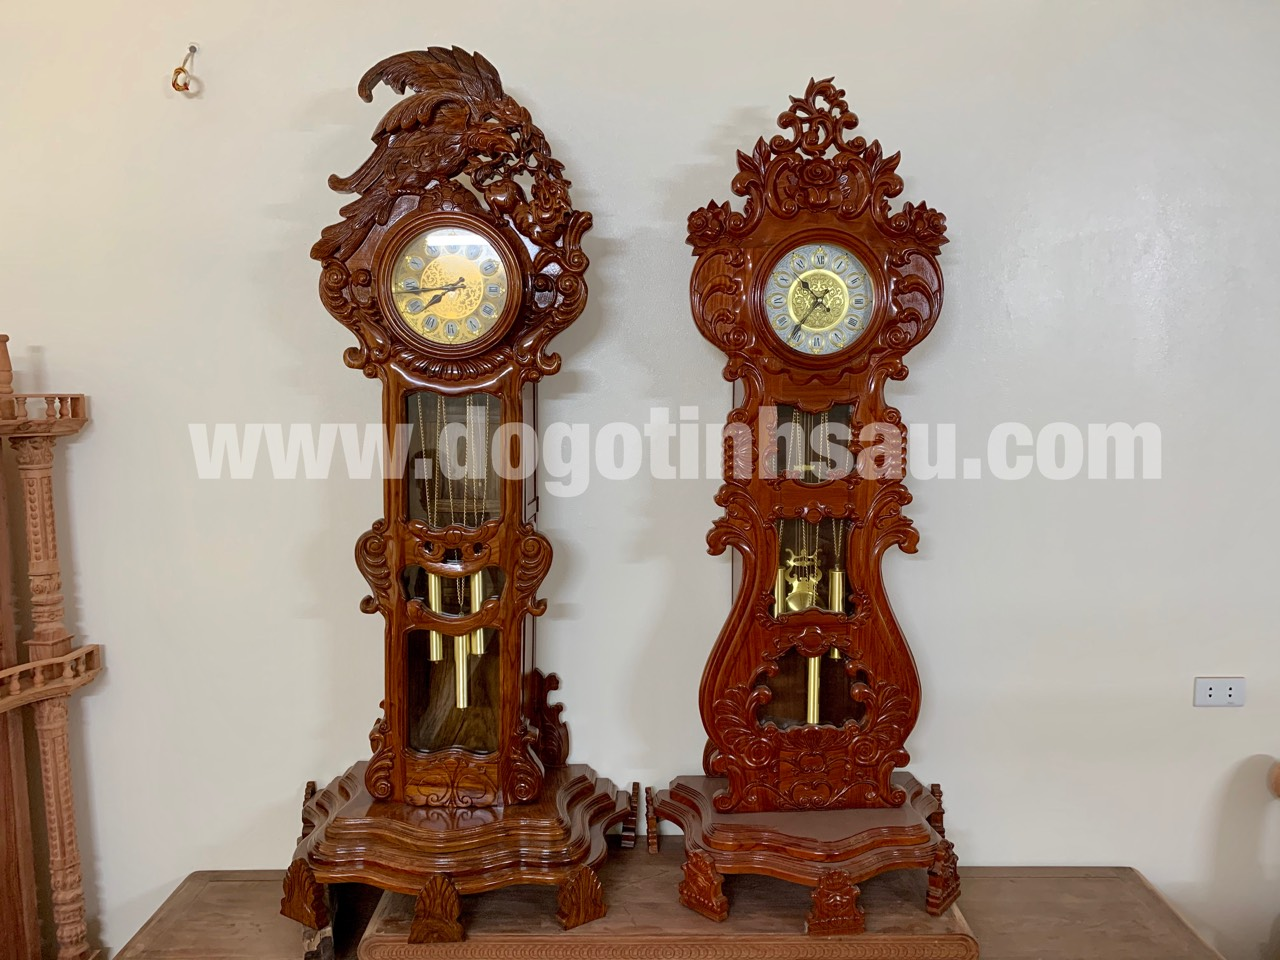 dong ho cay go huong van 6 - Đồng hồ cây gỗ hương đá mang lại sự thịnh vượng cho ngôi nhà của bạn